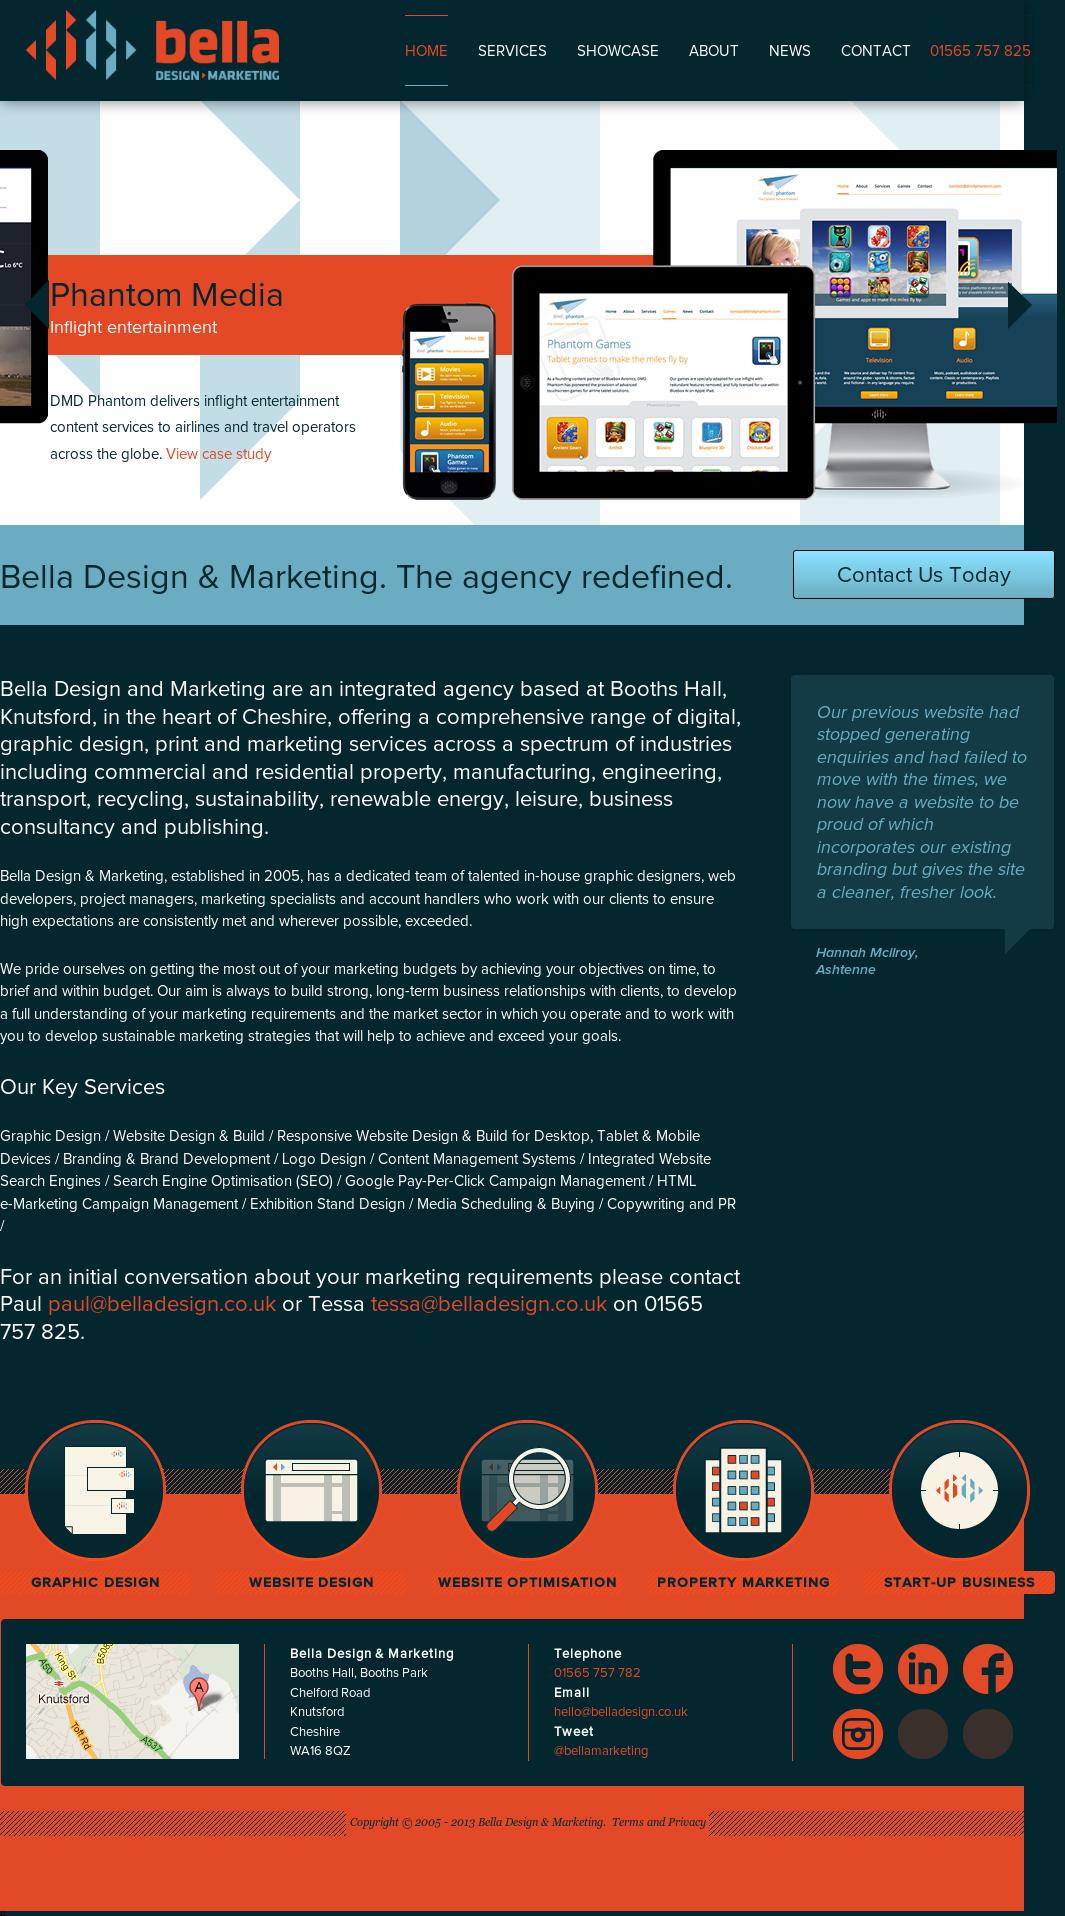 Bella Design And Marketing Competitors, Revenue and